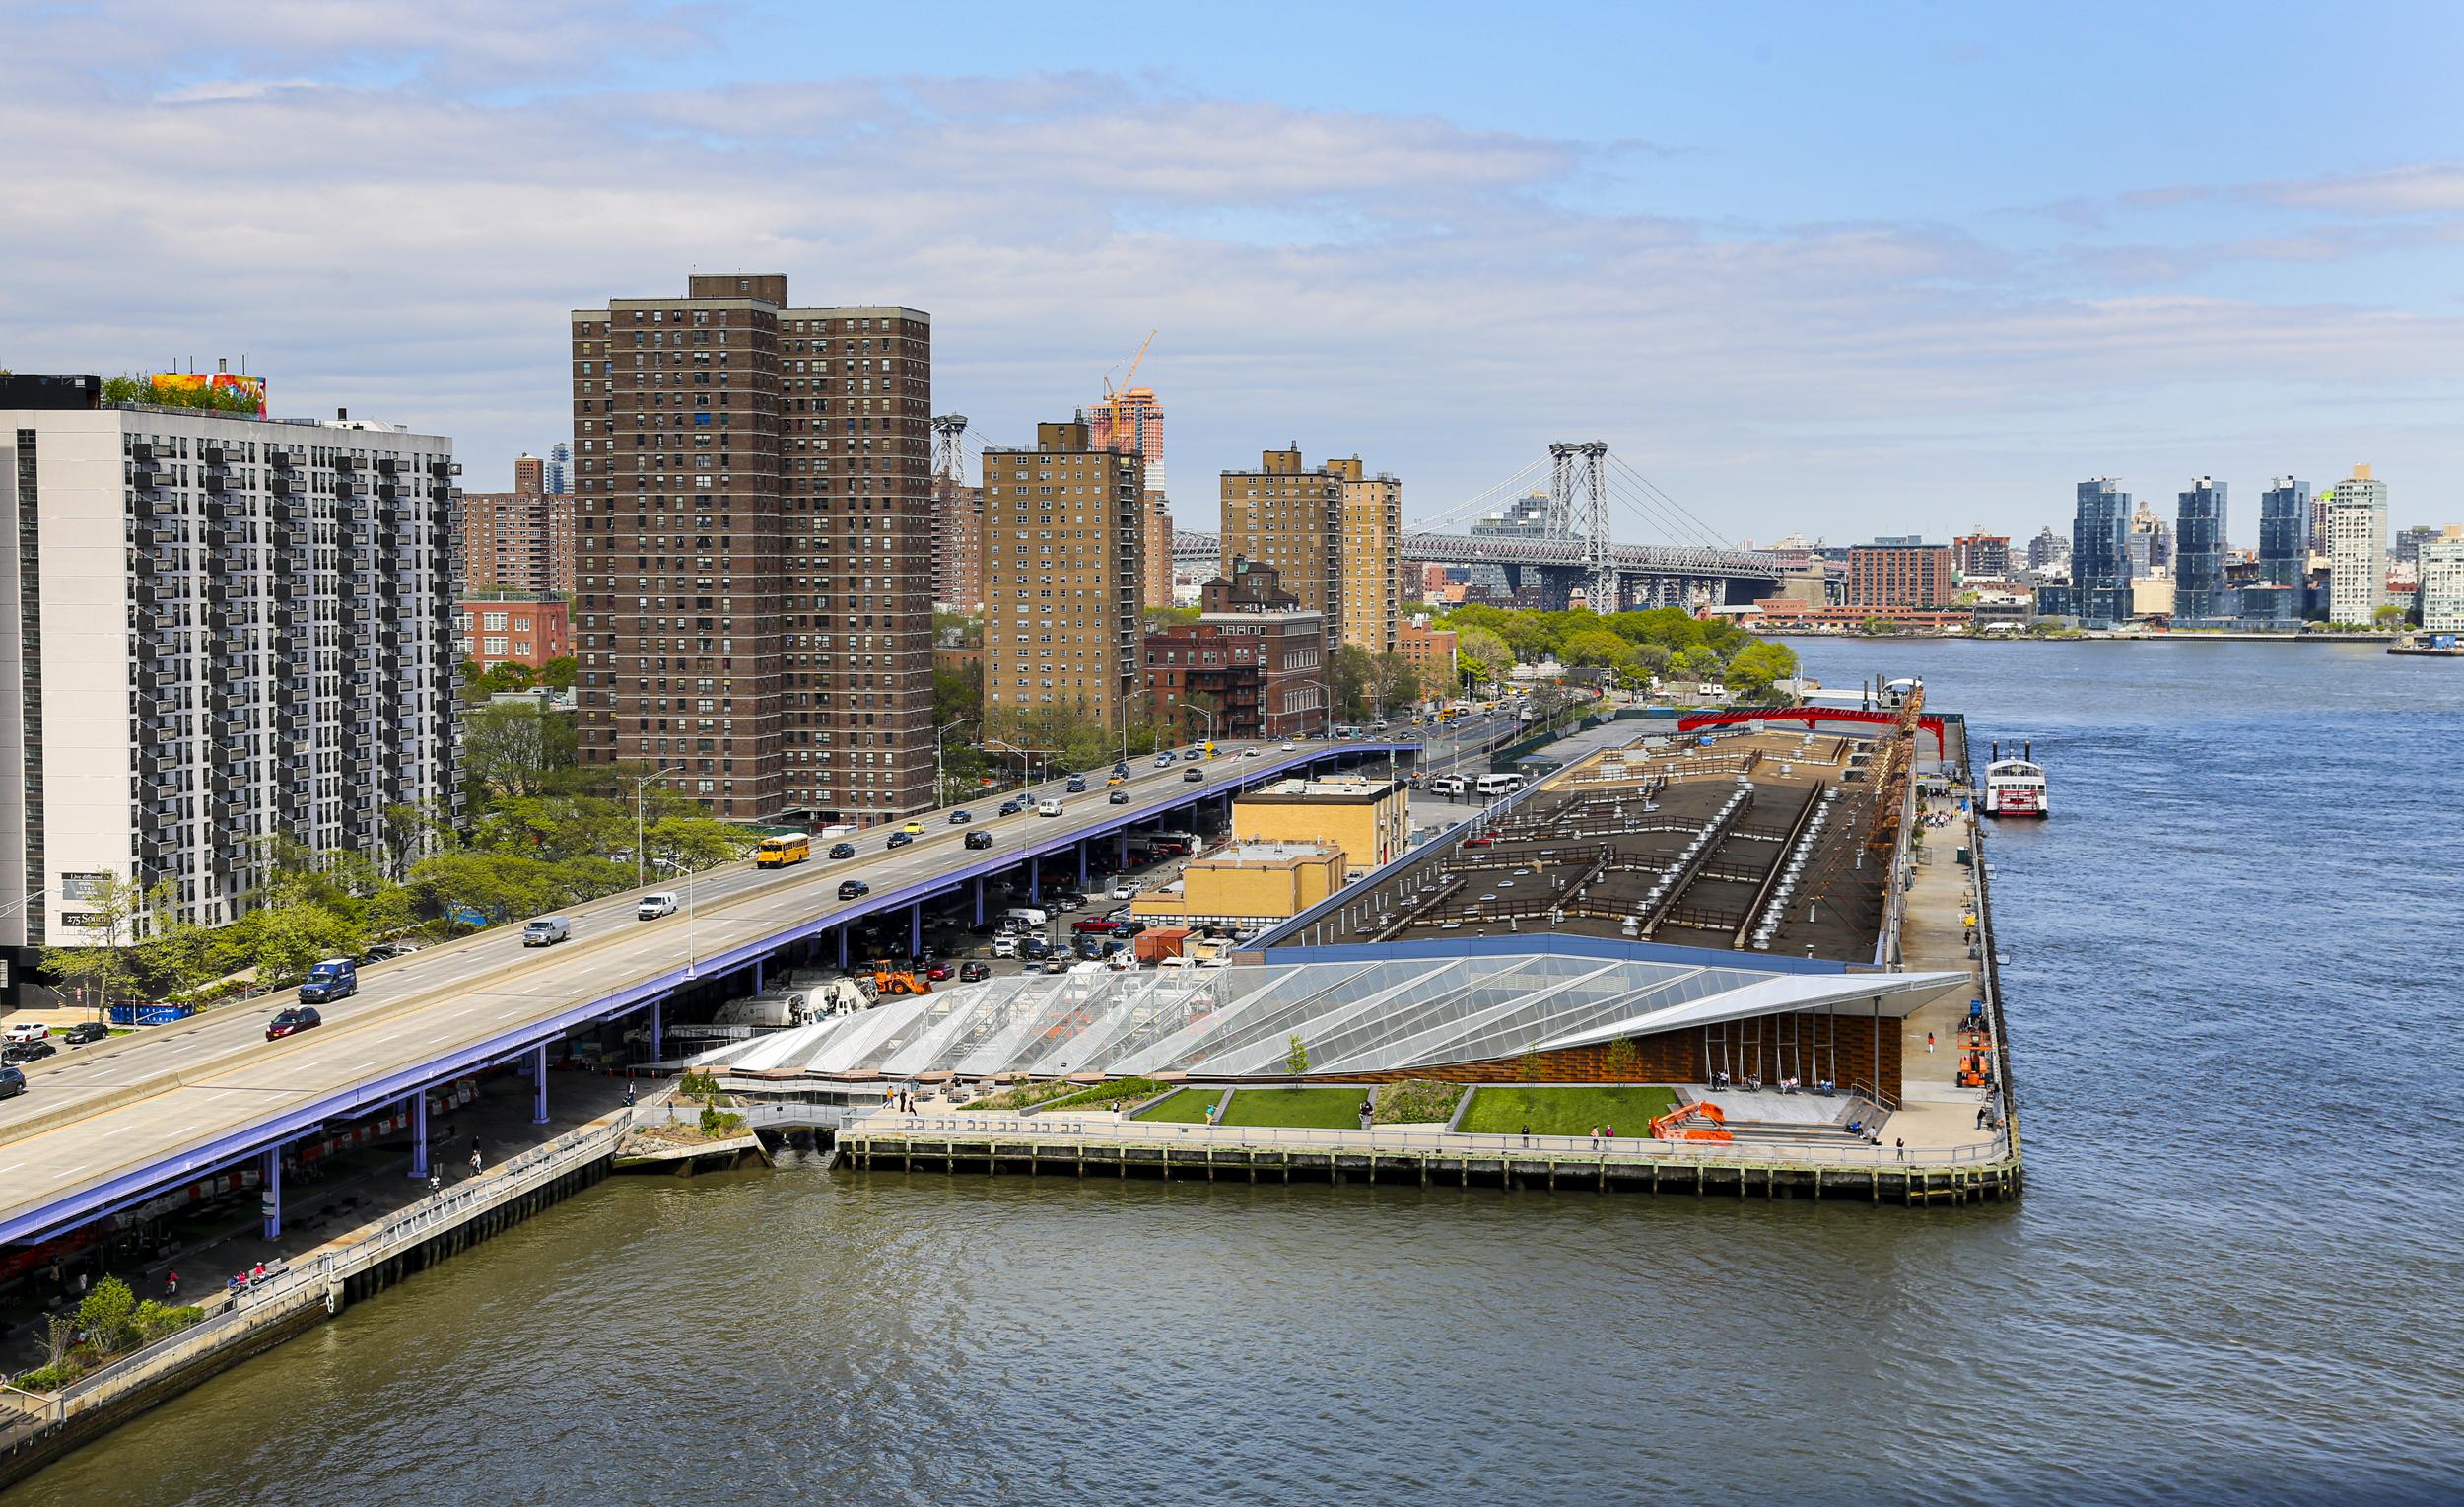 Pier 35 Waterfront Park